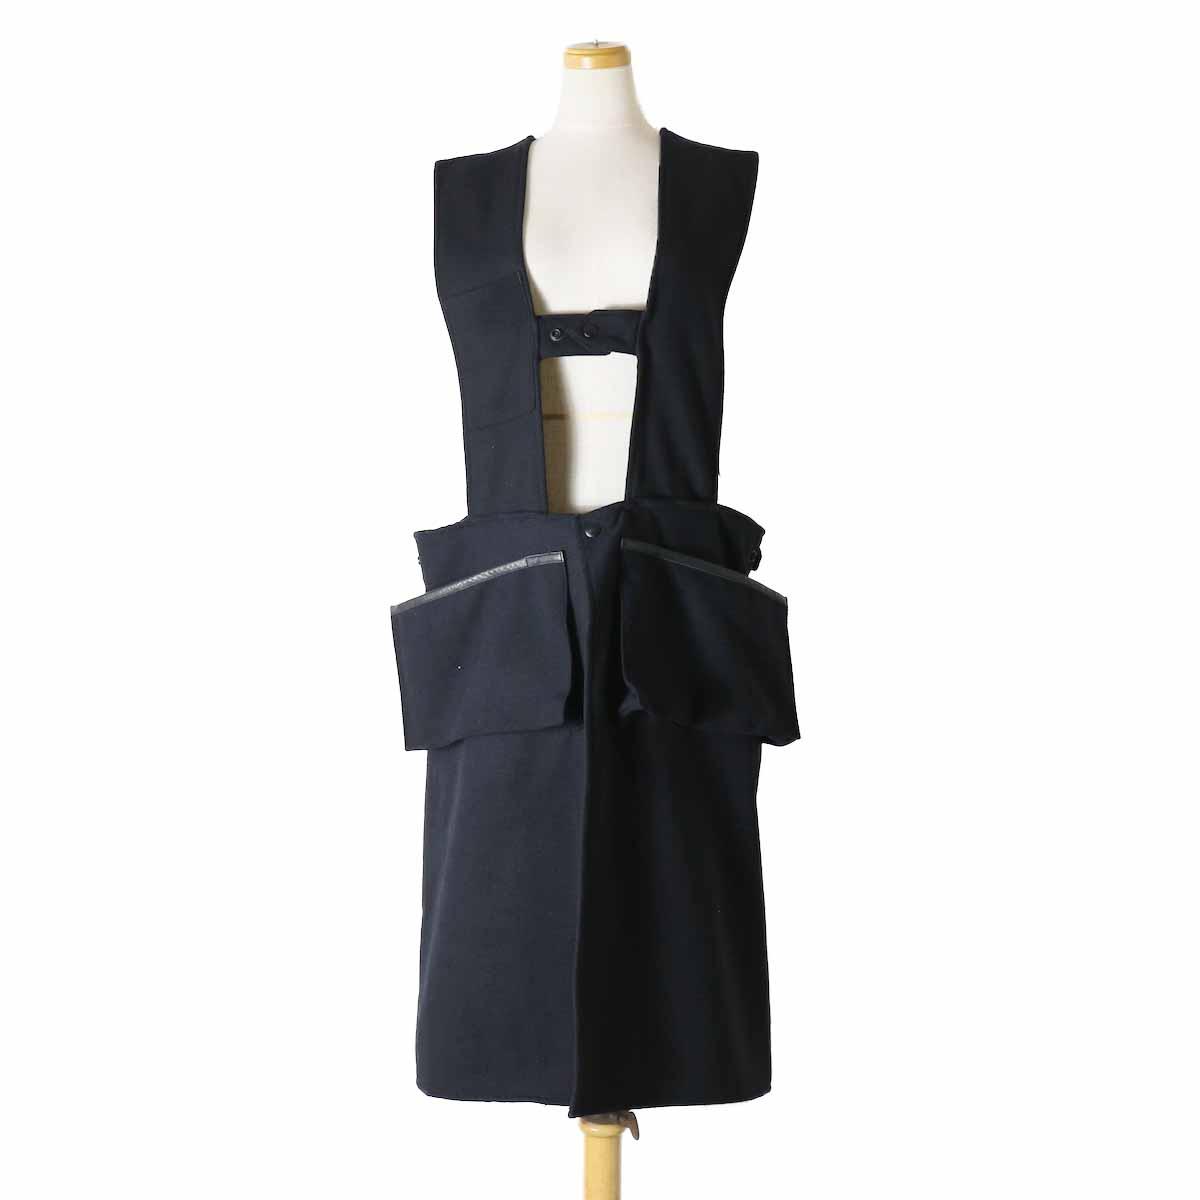 orSlow(Ladies) / Hunting Vest Long -Melton Wool Herringbone Twill(BLACK)